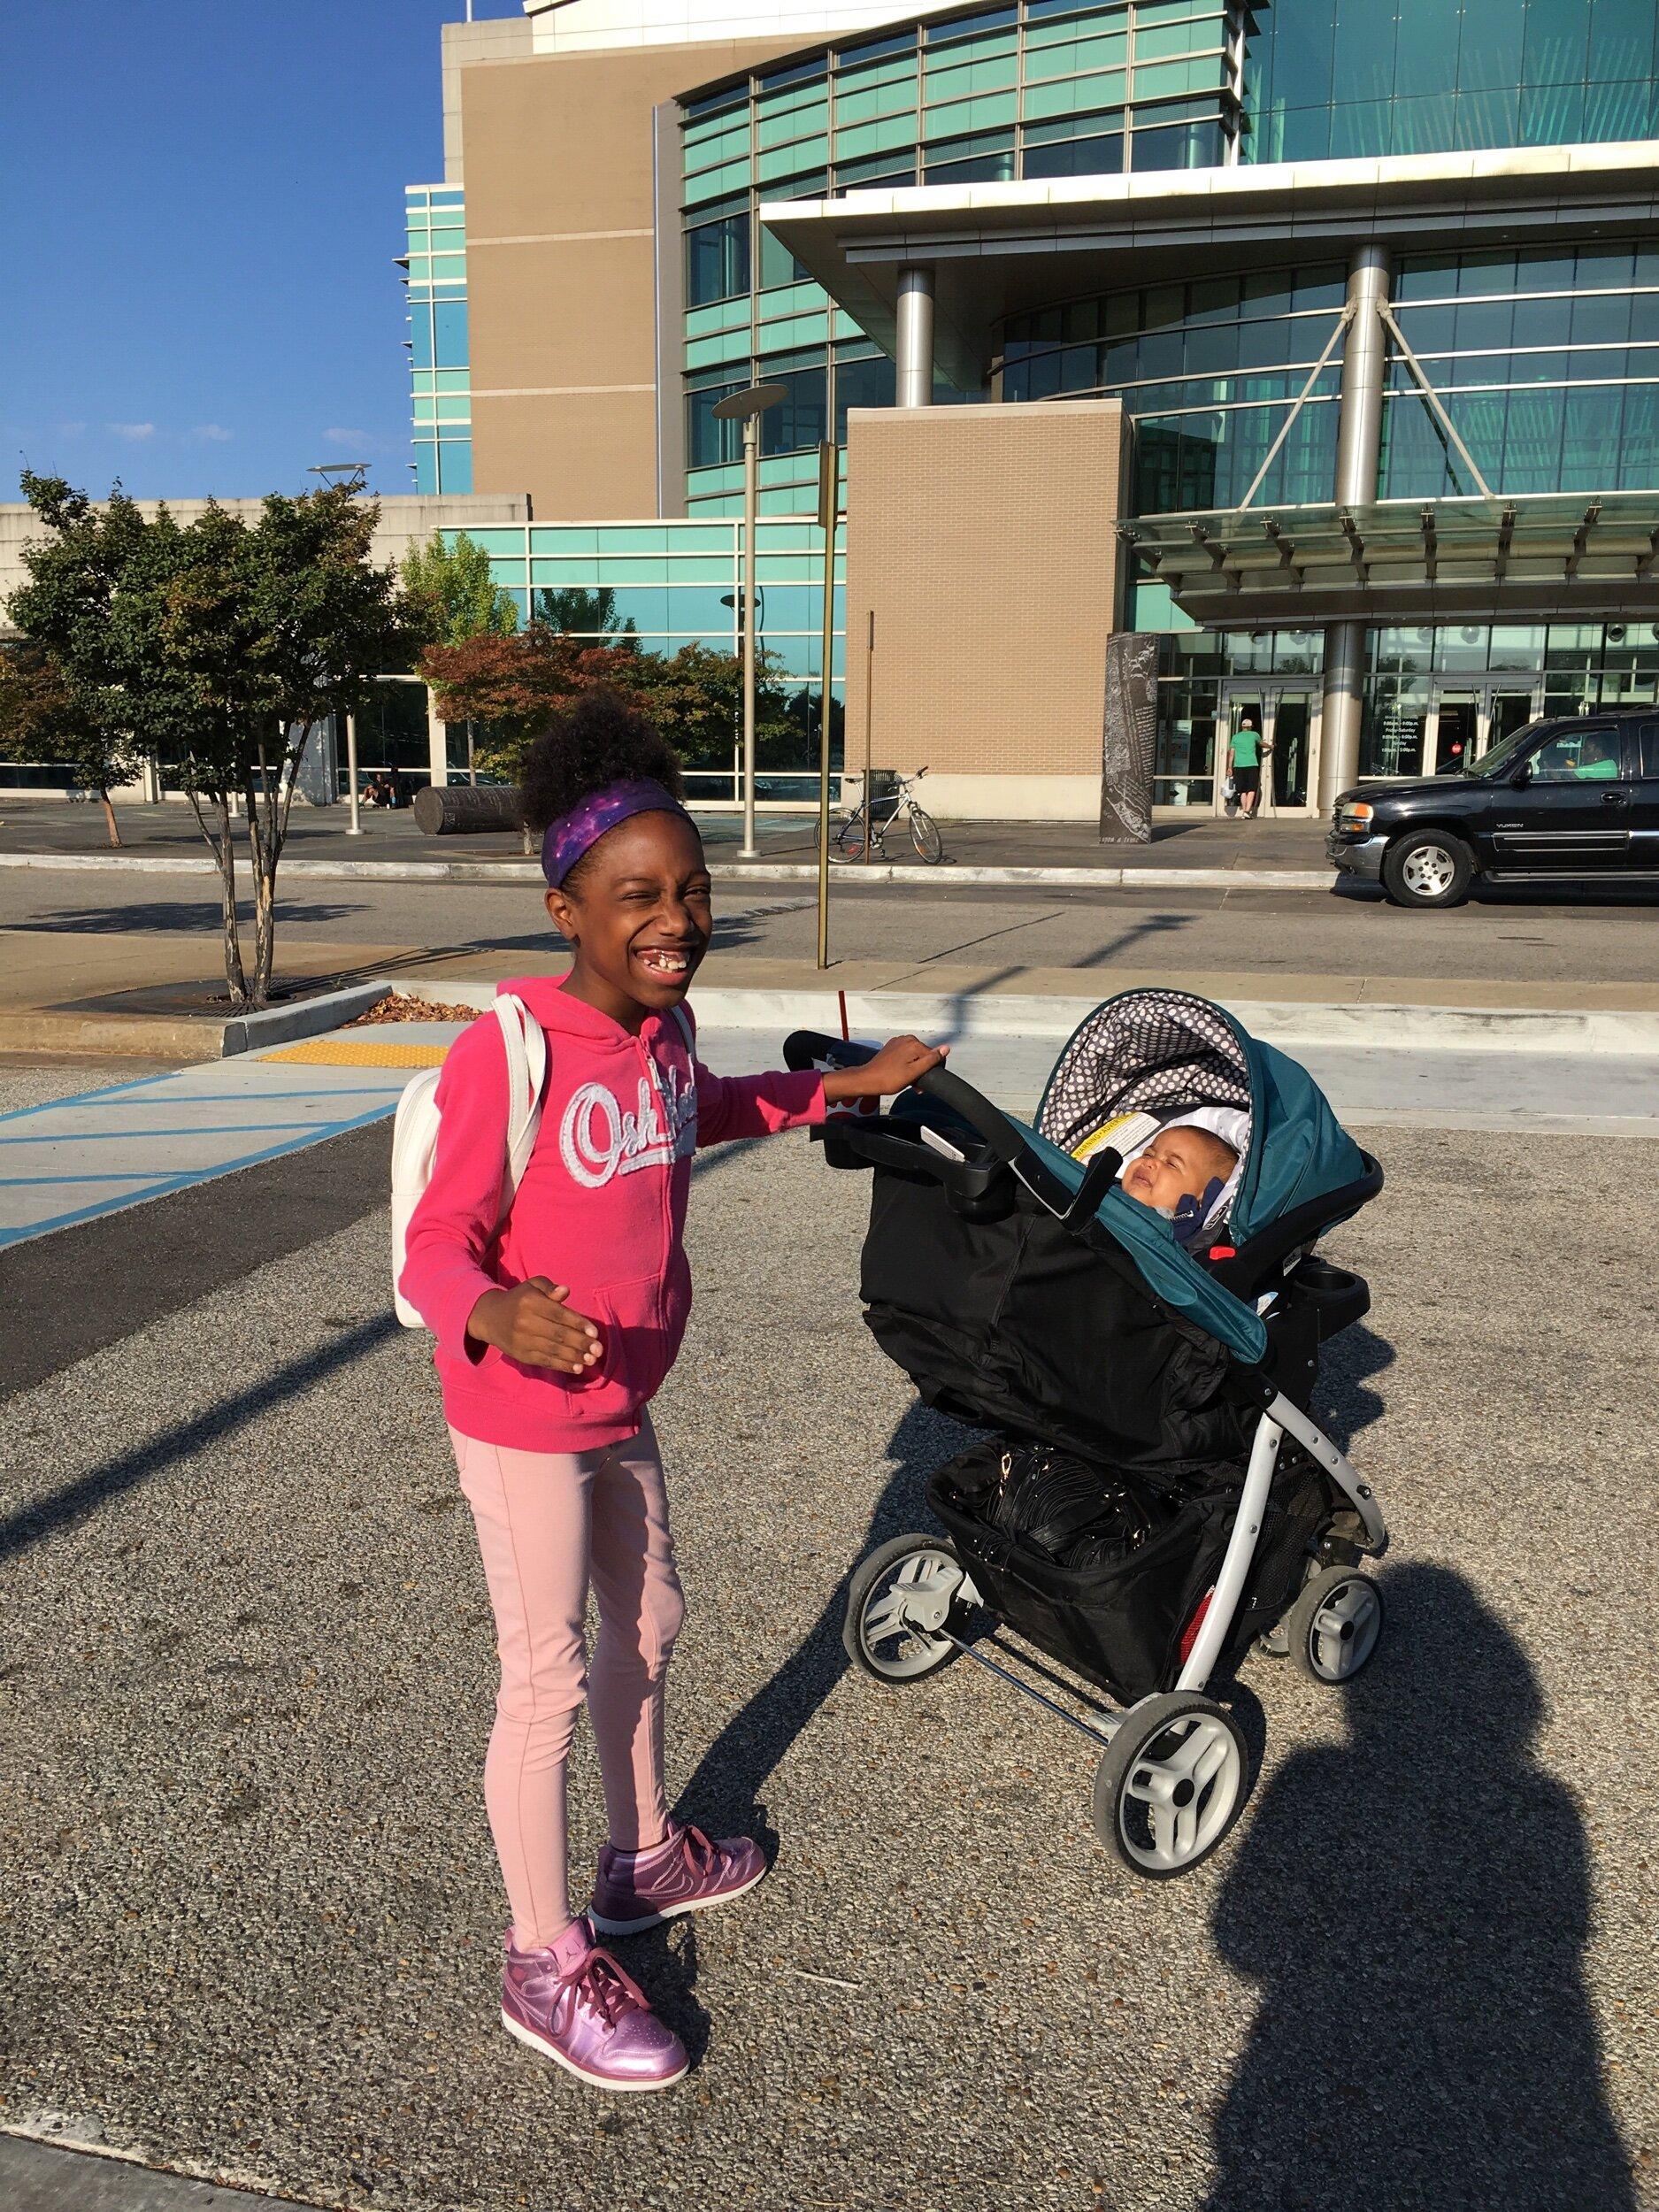 Andrea Fenise MEMPHIS Blogger shares starting Spanish lessons in Memphis